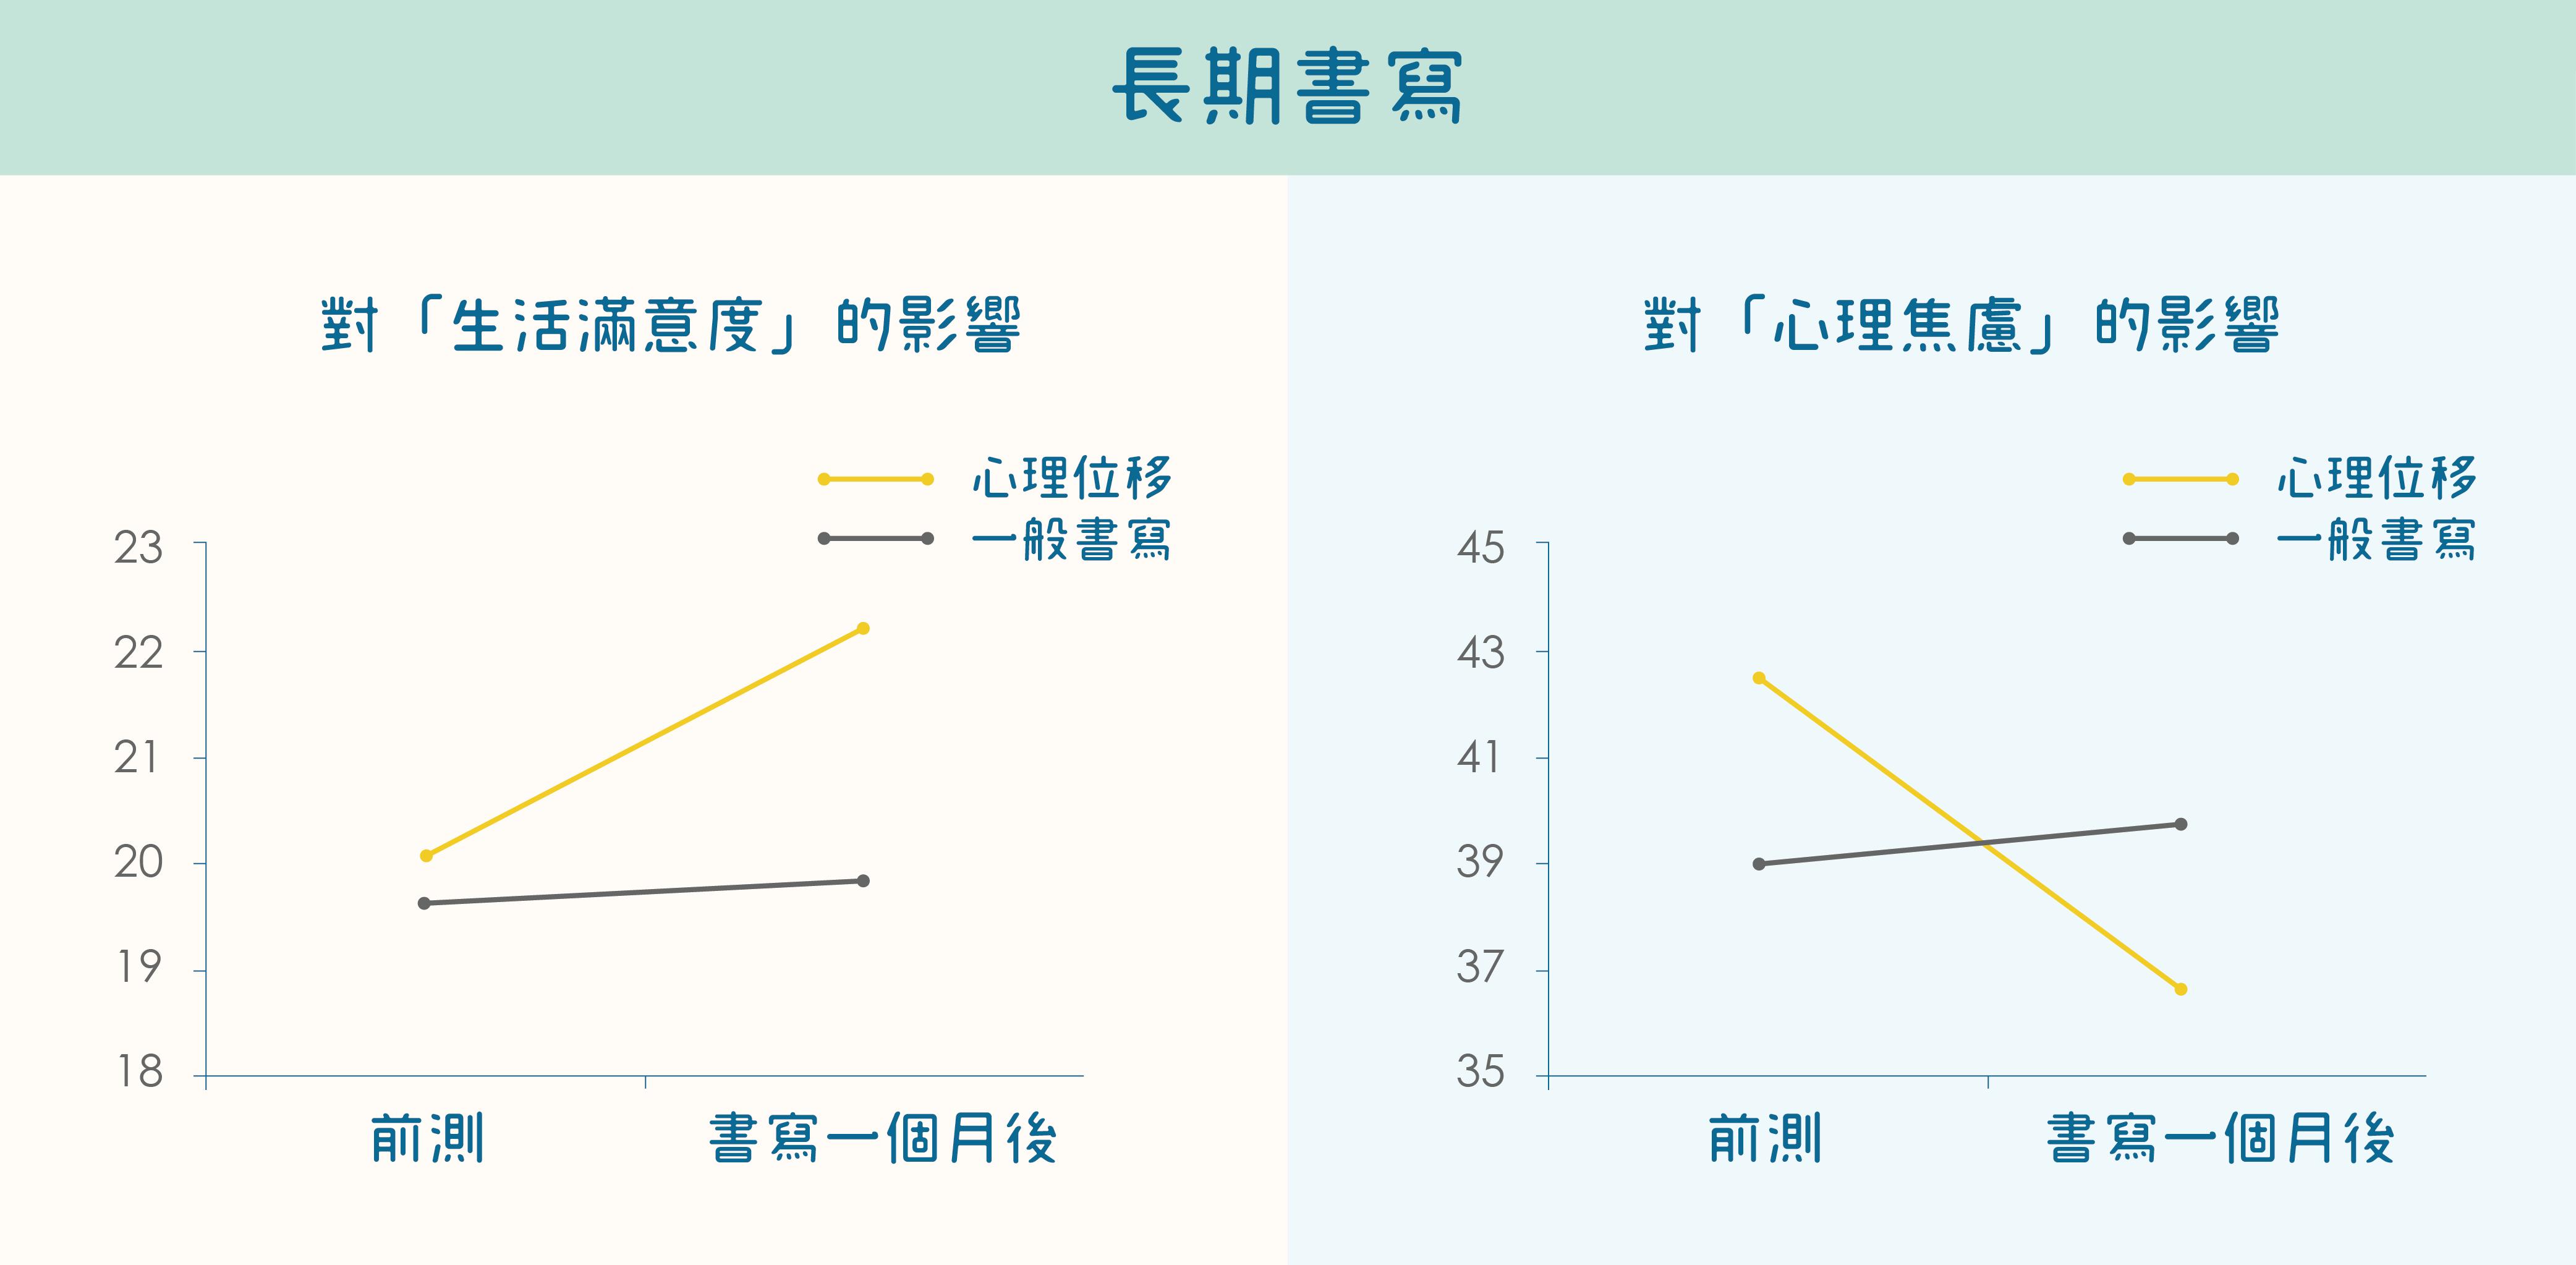 長期進行「心理位移書寫」的效果:降低心理焦慮,提高生活滿意度。圖│研之有物(資料來源│張仁和等人,2010,2013;Chang et al., 2013)